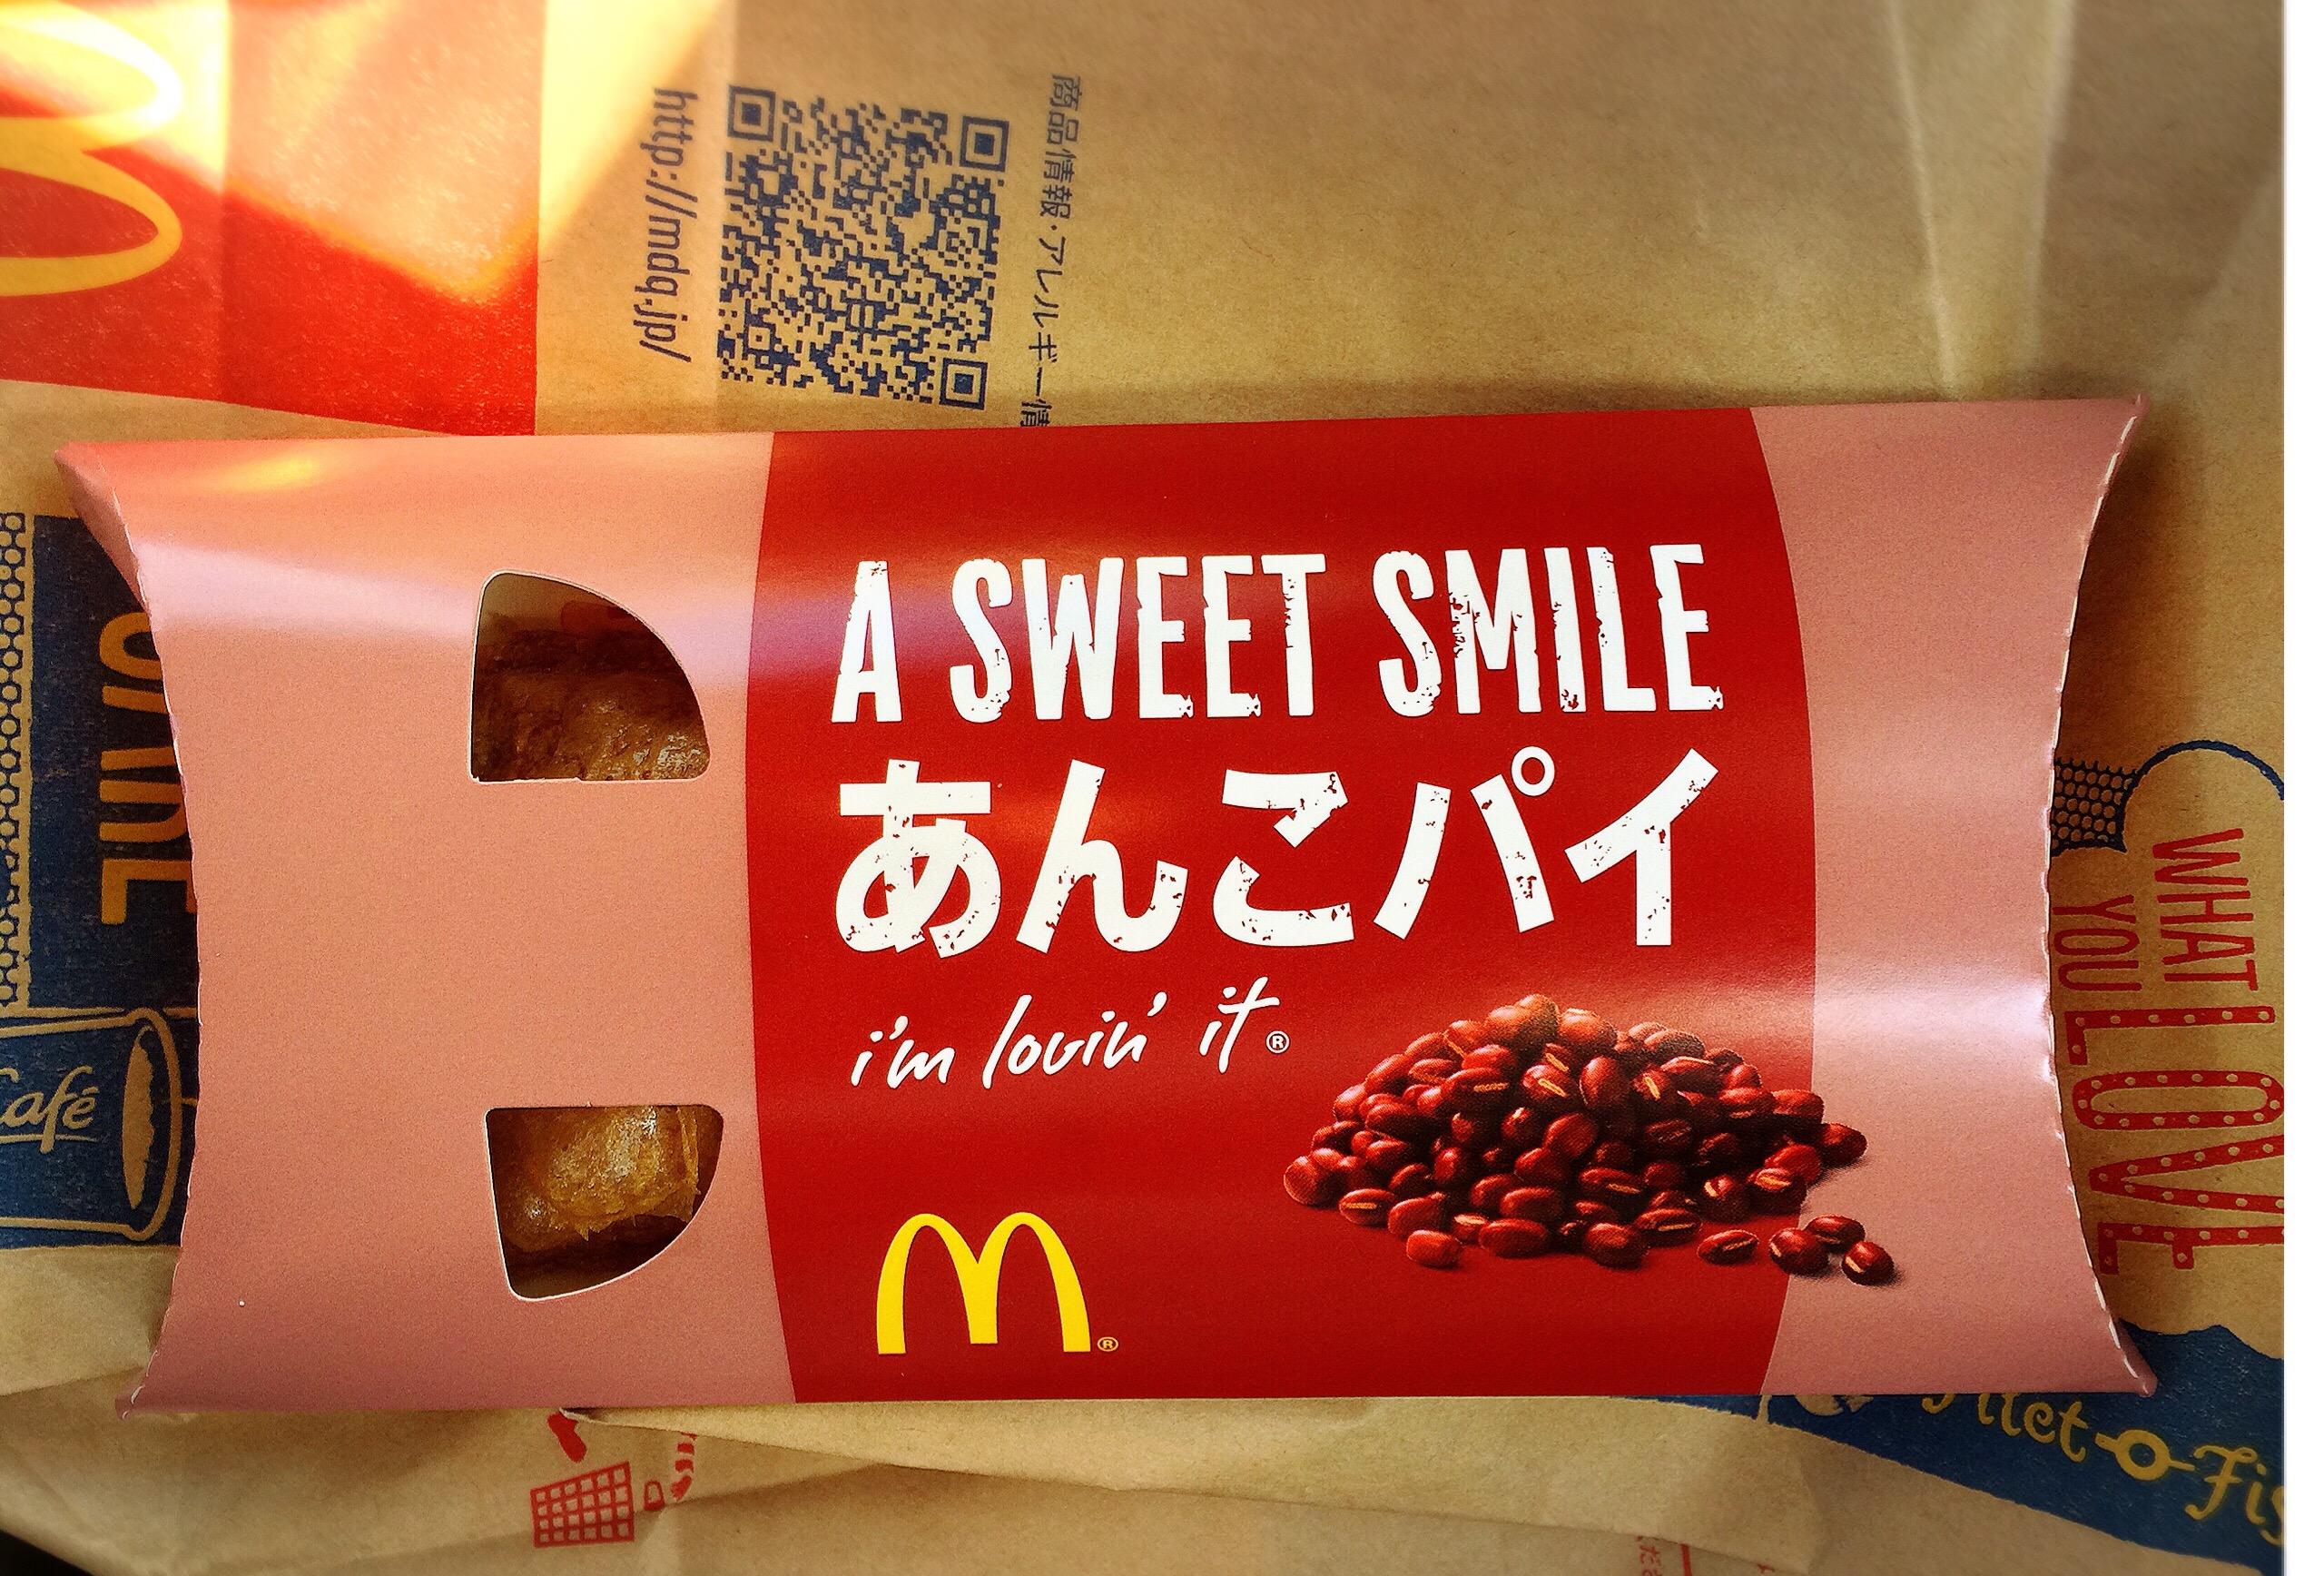 マクドナルド新商品のあんこパイ!食べた感想と、気になるカロリーは?冷めても美味しいの?